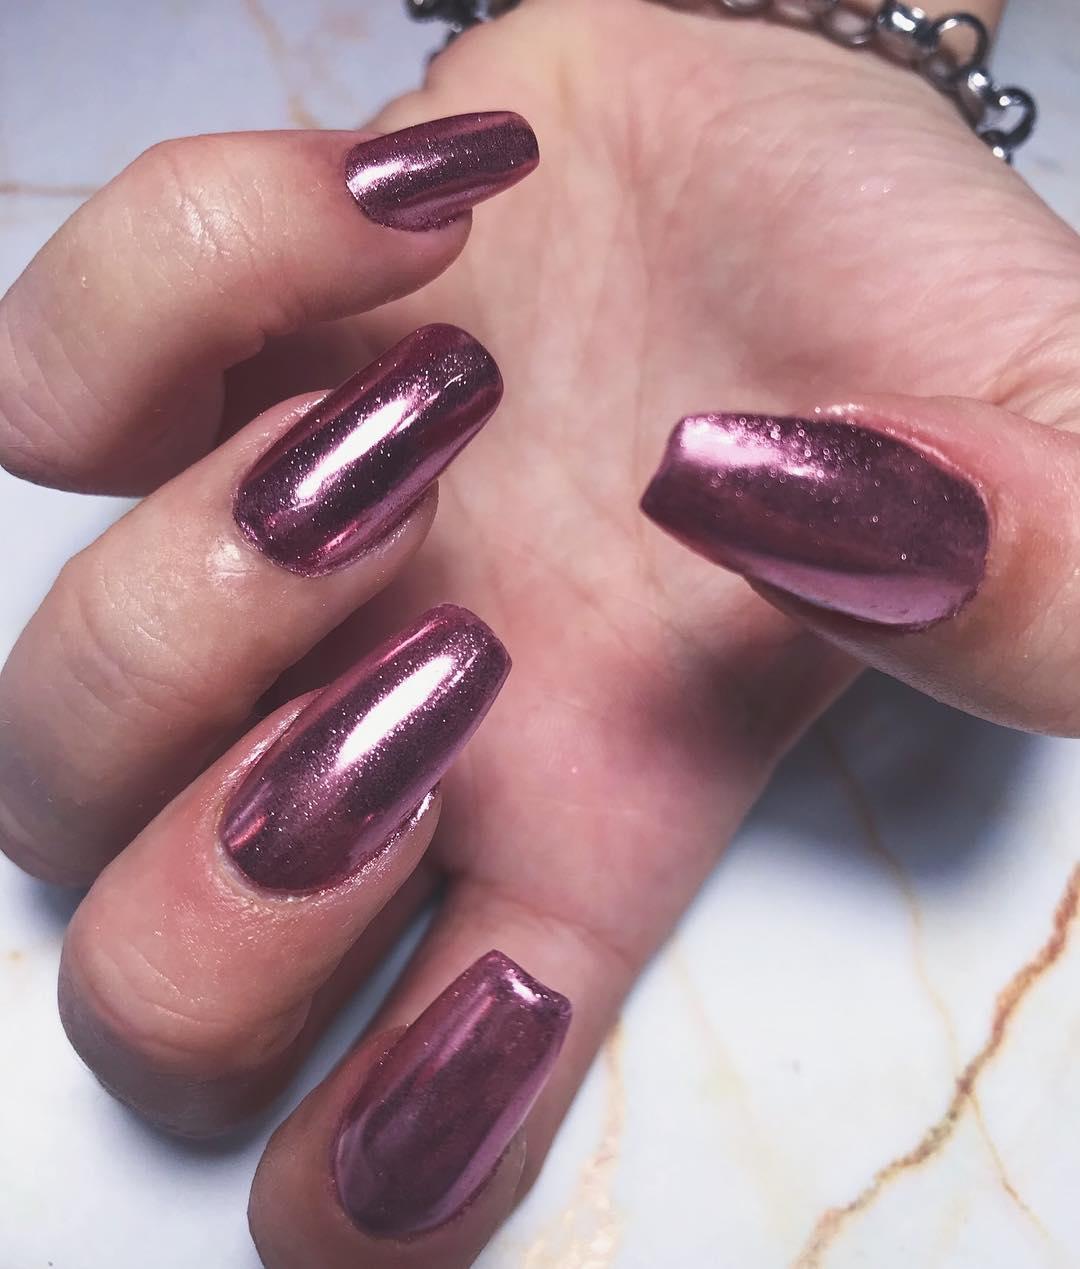 MORE ROSE GOLD // Unhas acrílicas com esmalte semi-permanente e pó de ouro rosa // ...